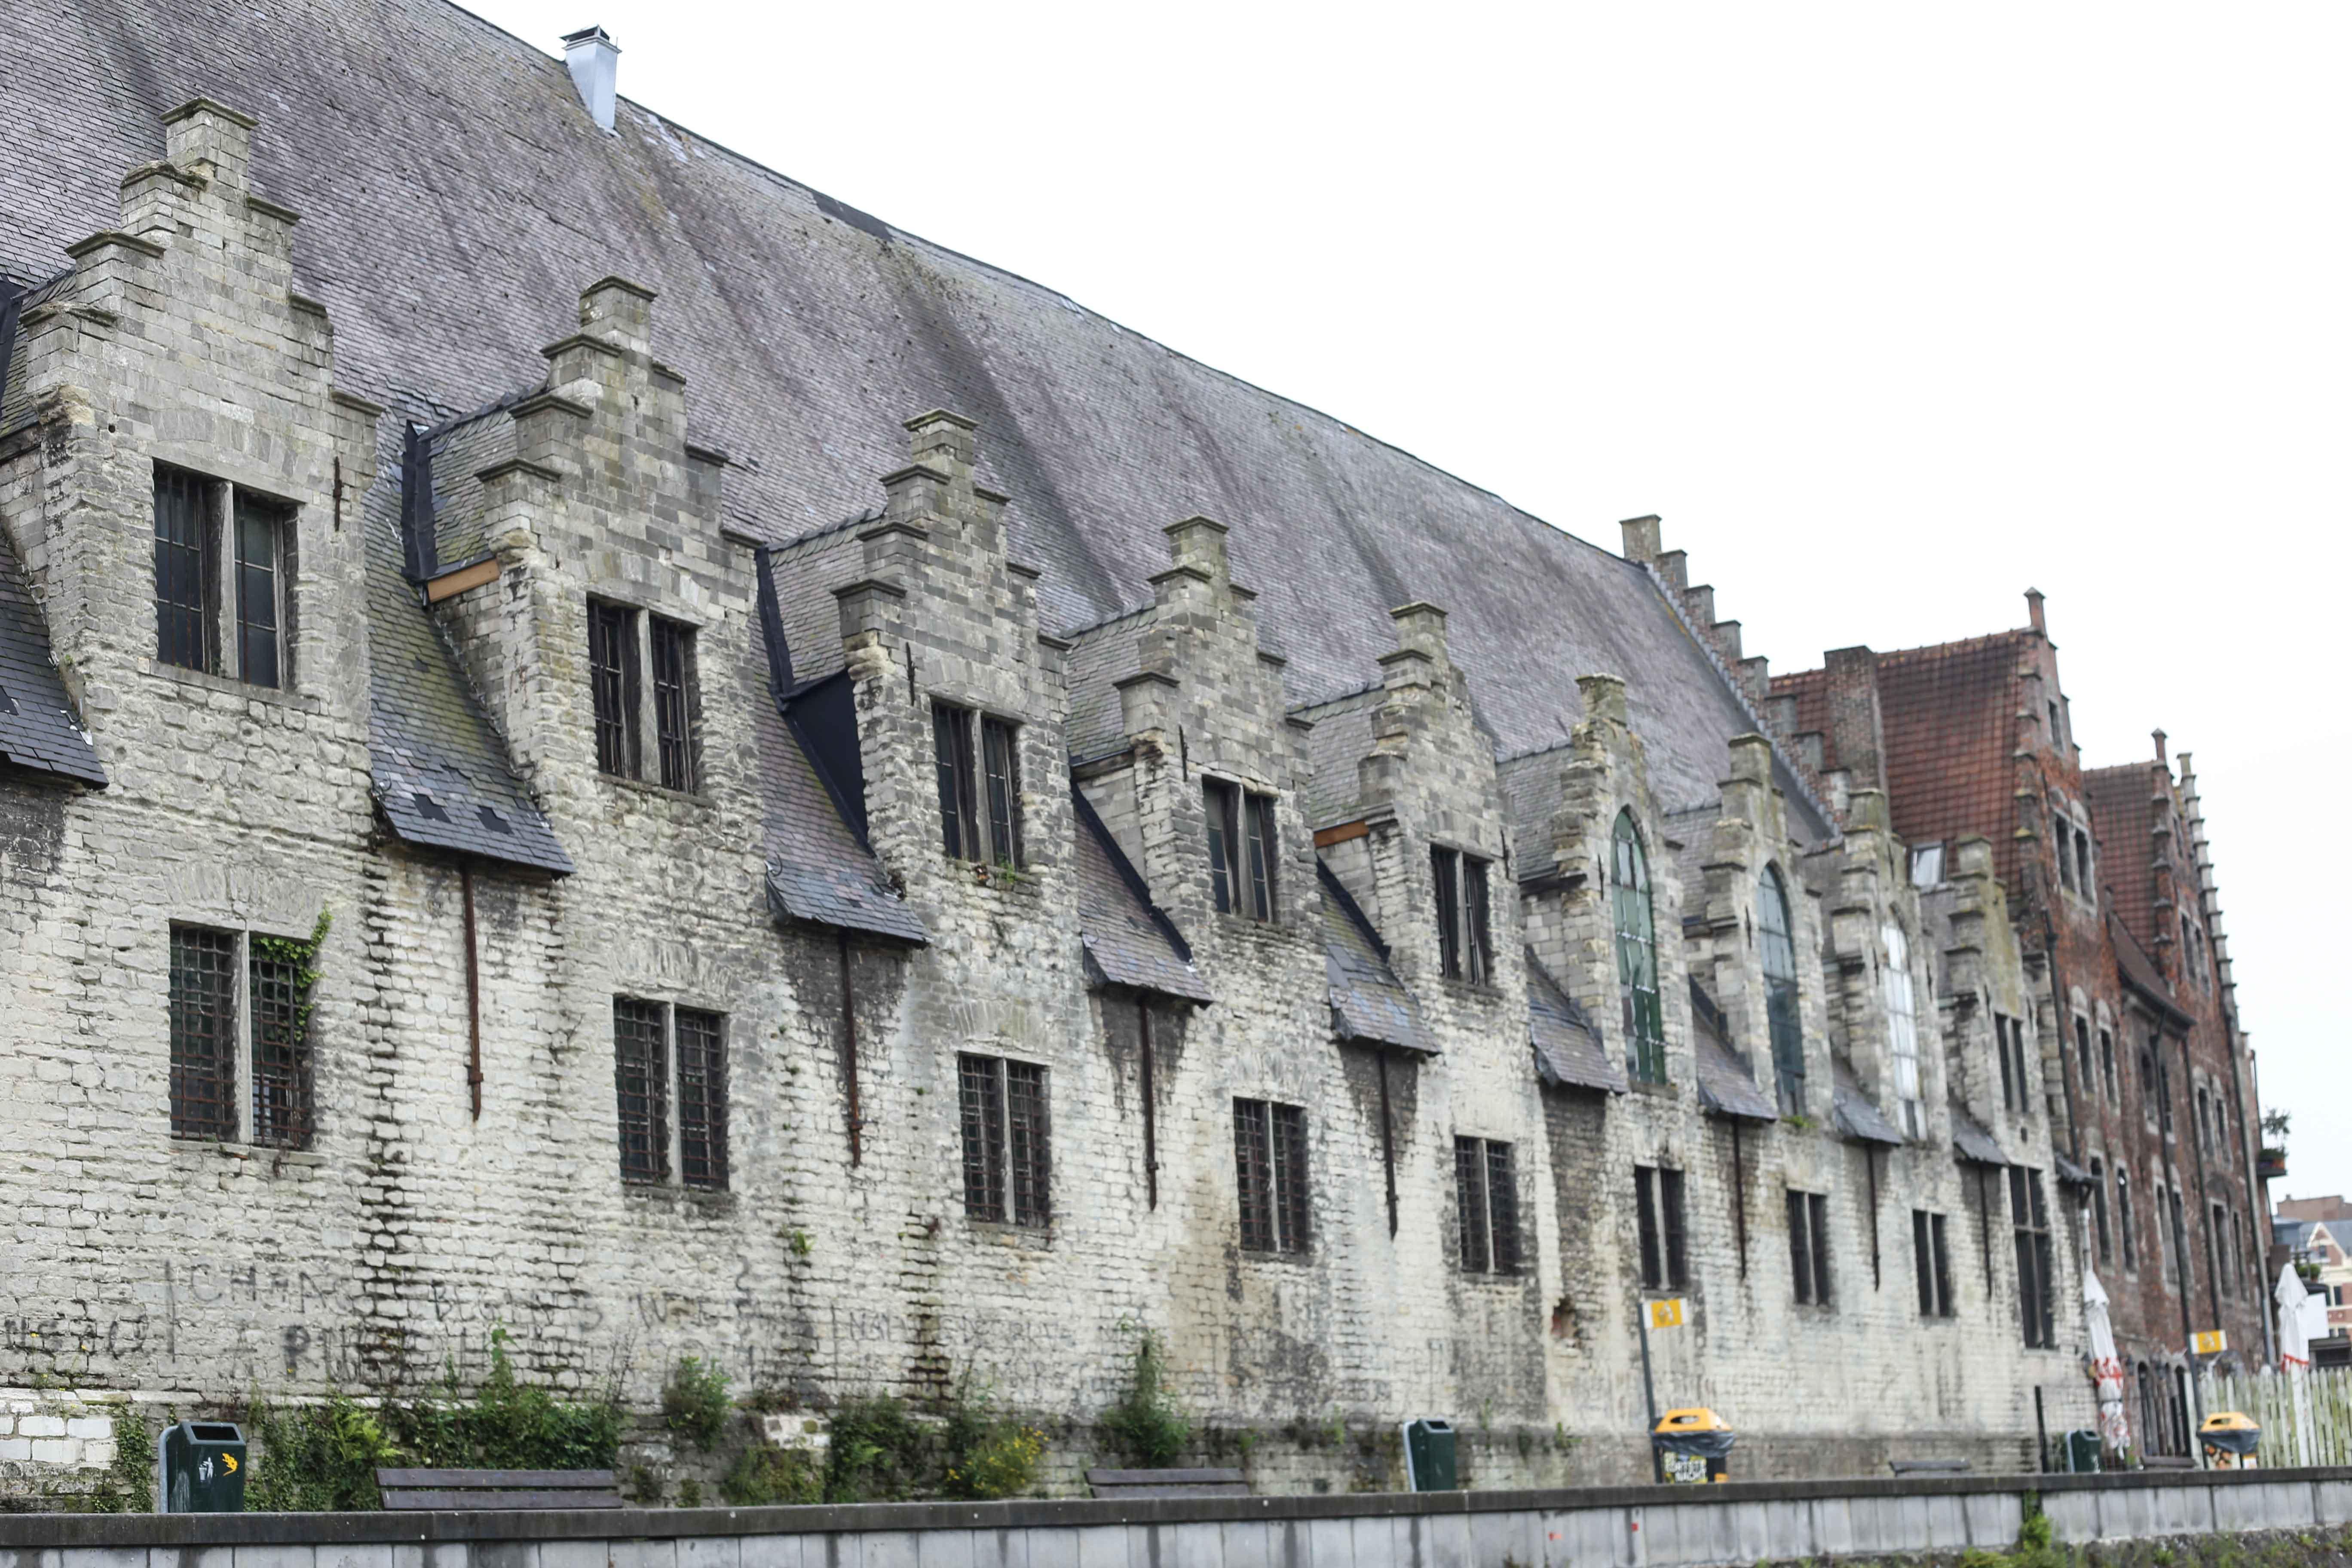 Gent-Kurztrip-Empfehlung-Sehenswürdigkeiten-Kanäle-Reiseblog-Belgien-große-fleischerhalle